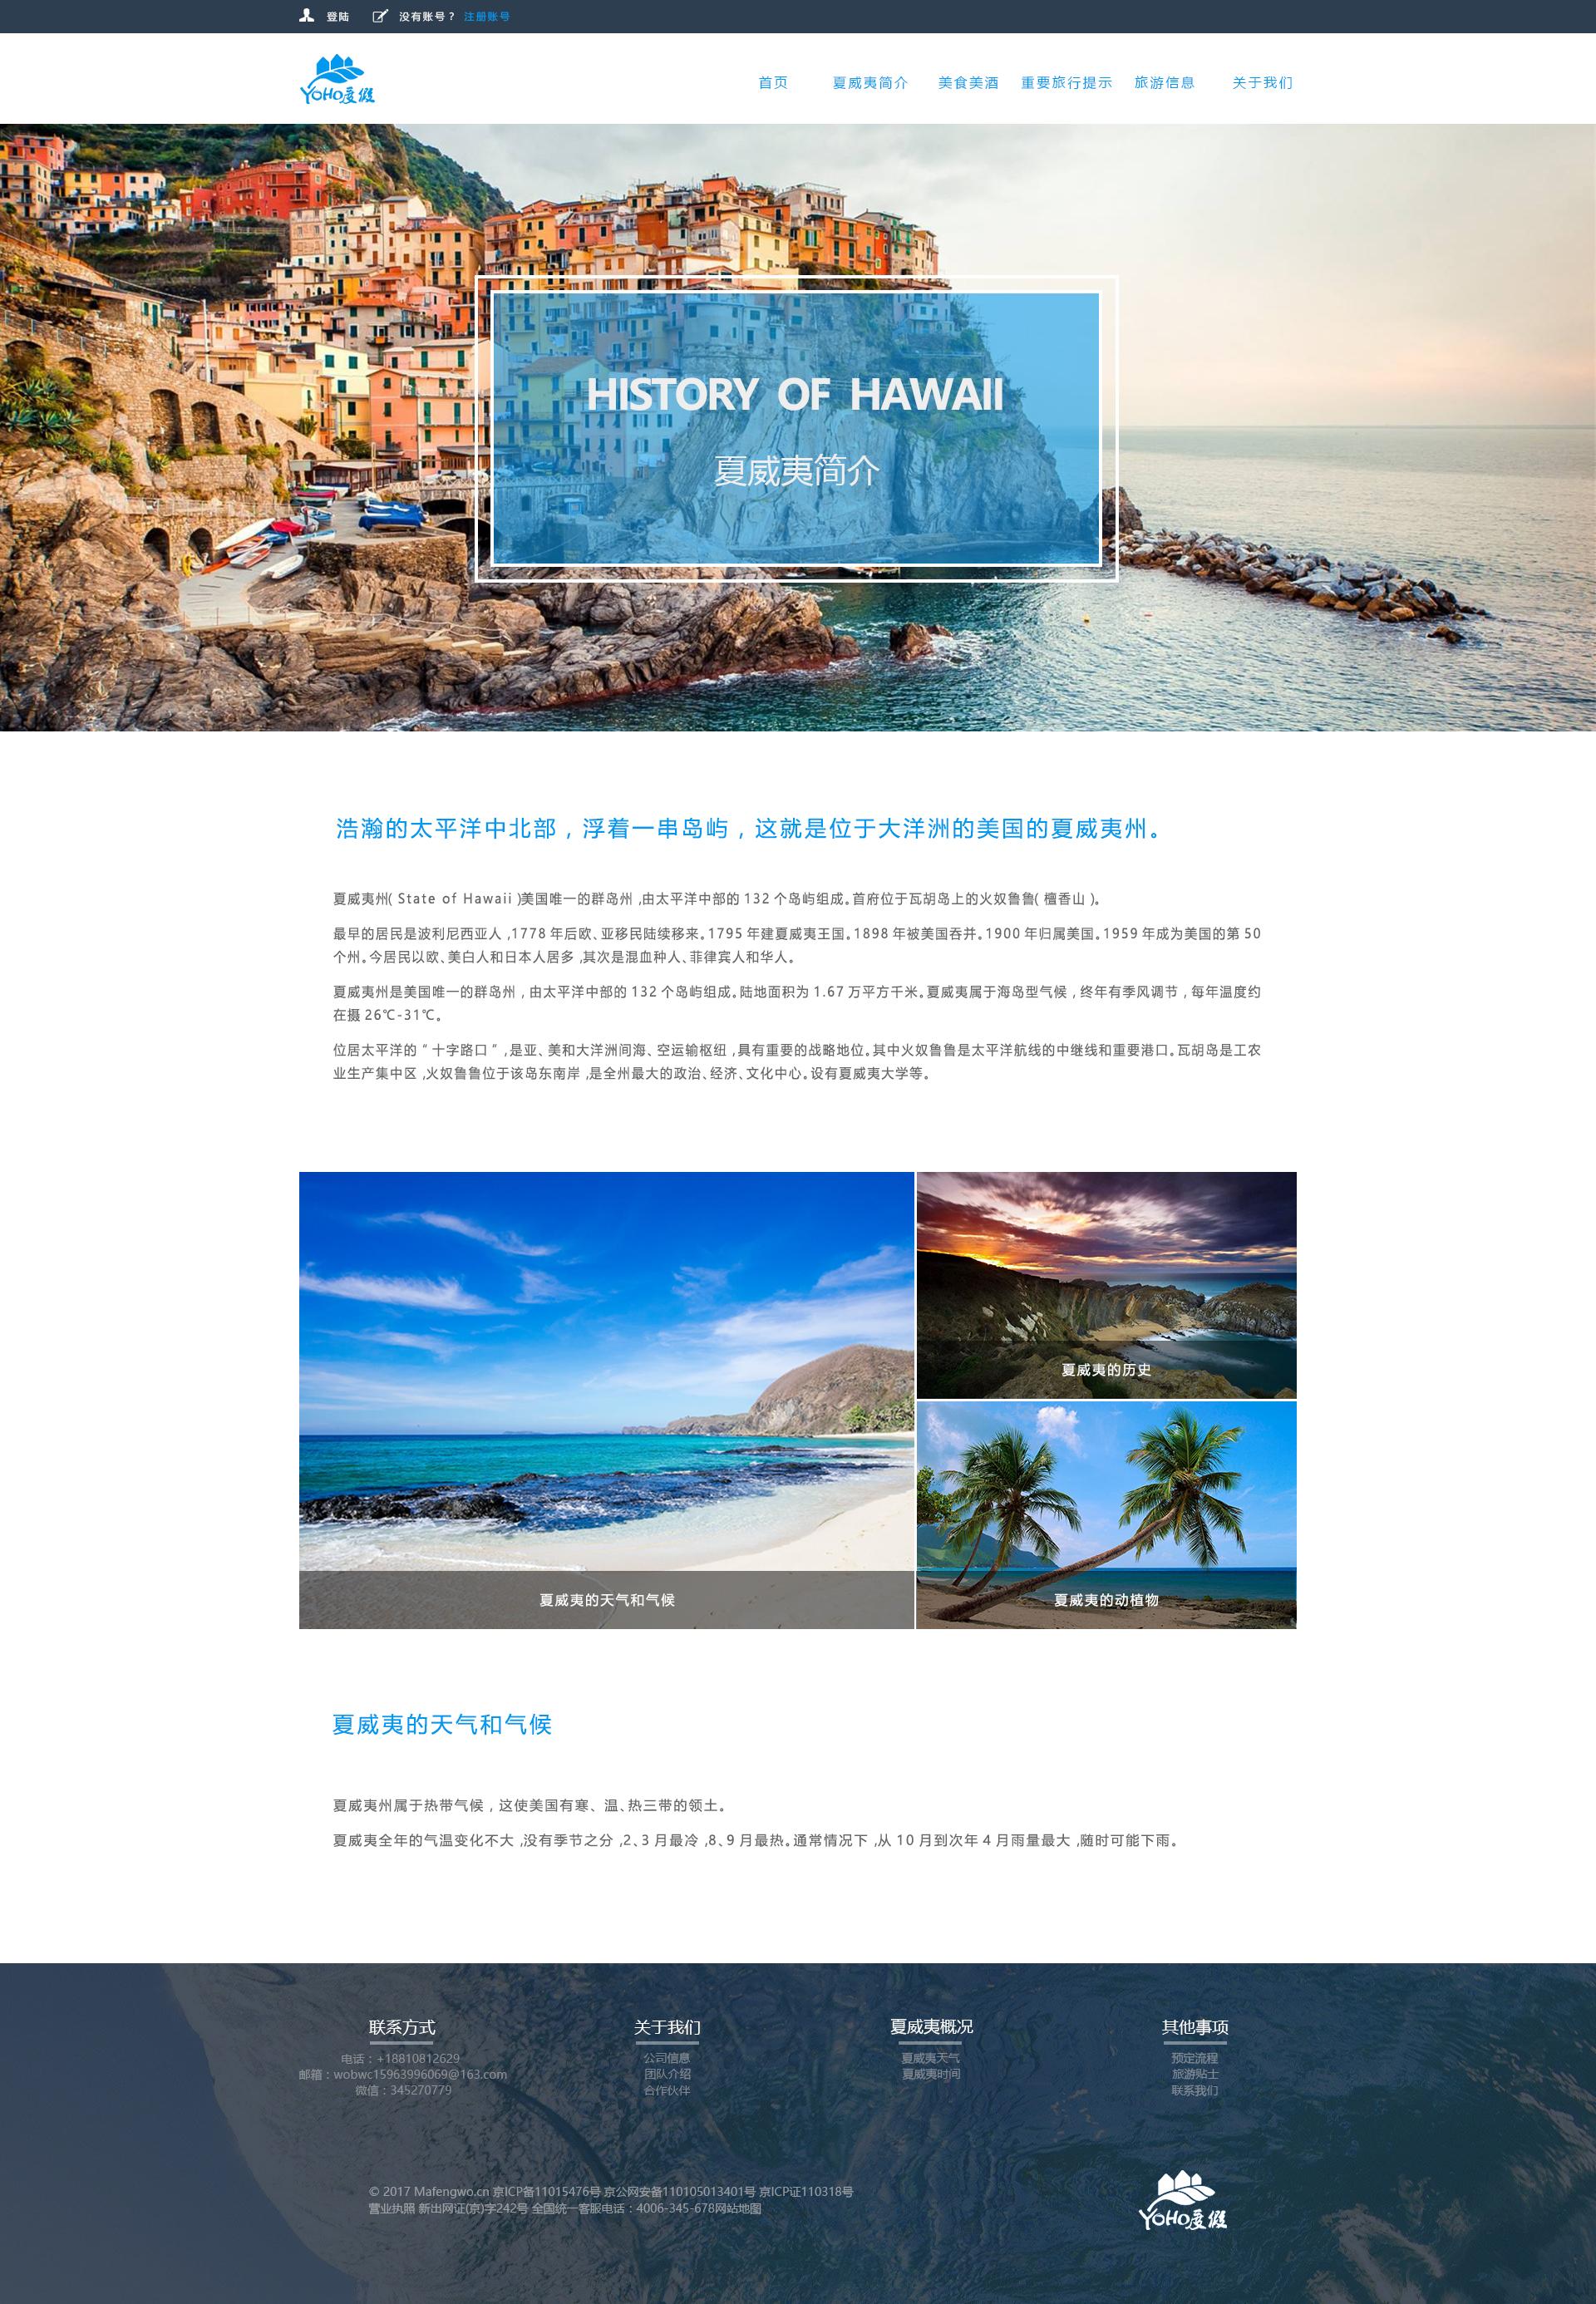 旅游网页设计|网页|企业官网|bwc噚 - 原创作品图片